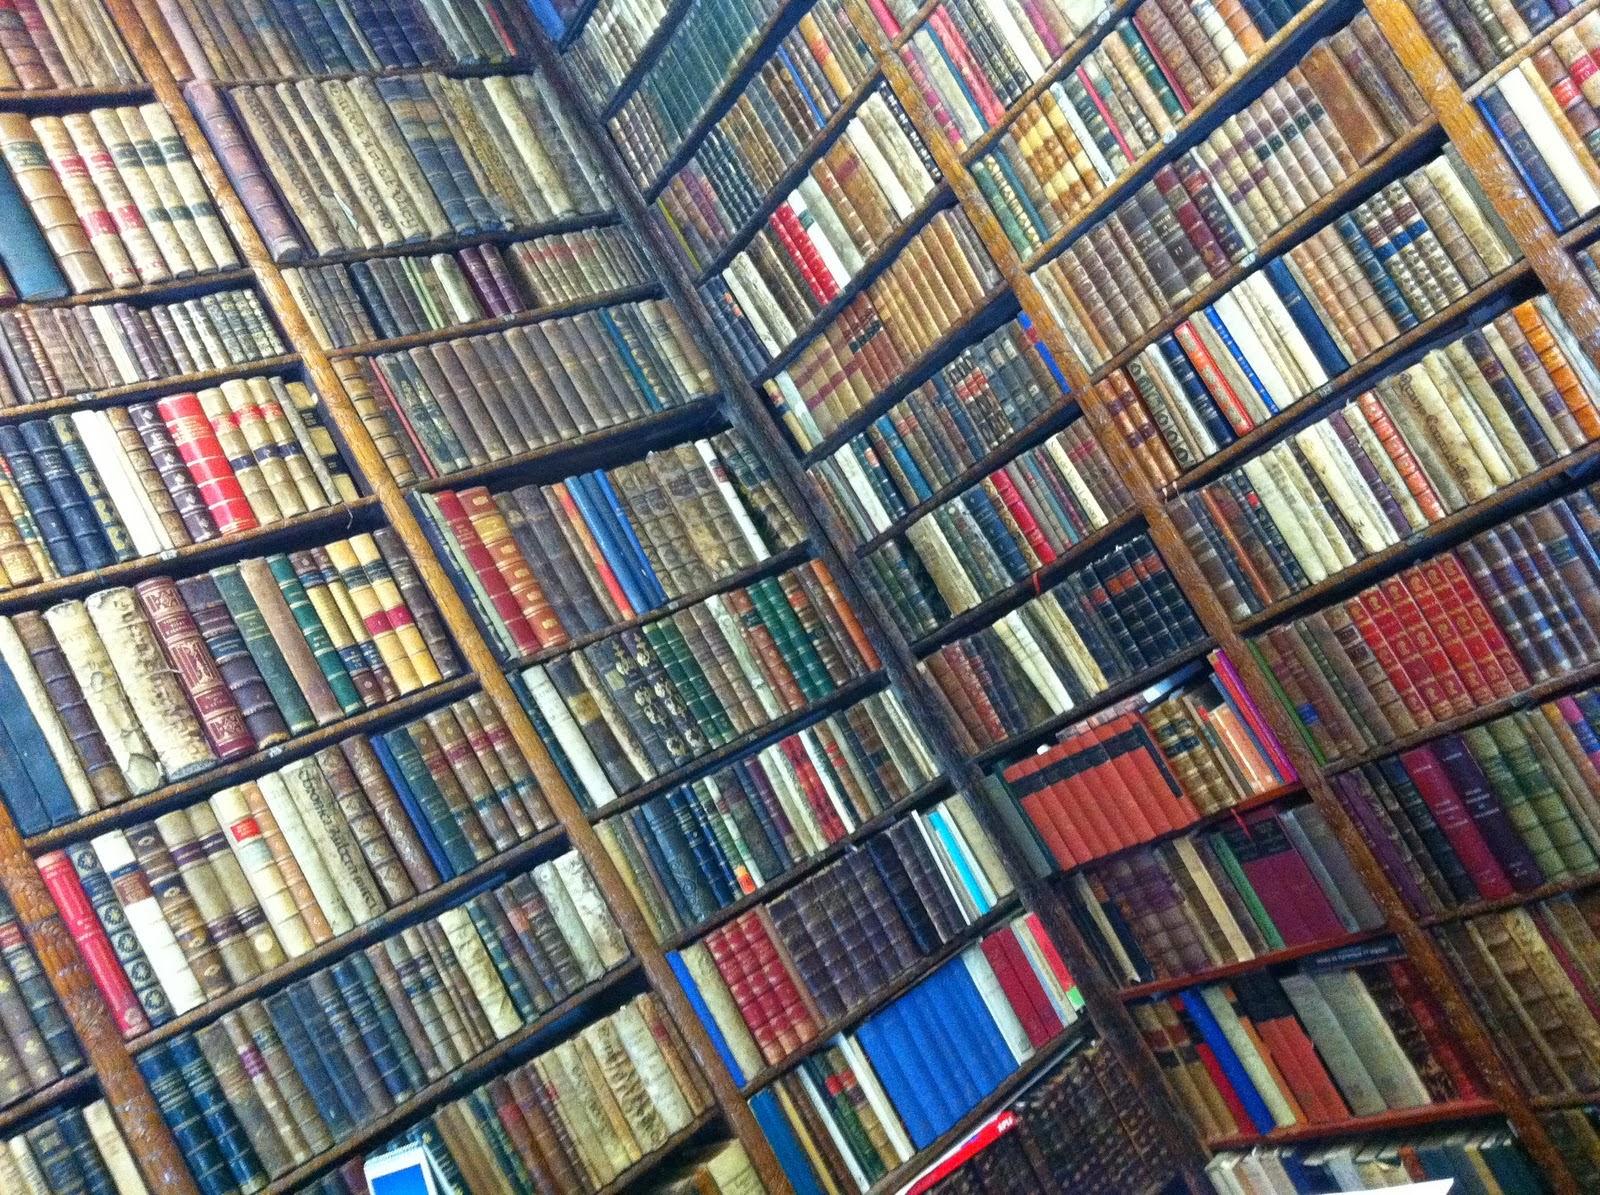 La librer a bard n de madrid jos luis checa cremades - Libreria bardon madrid ...